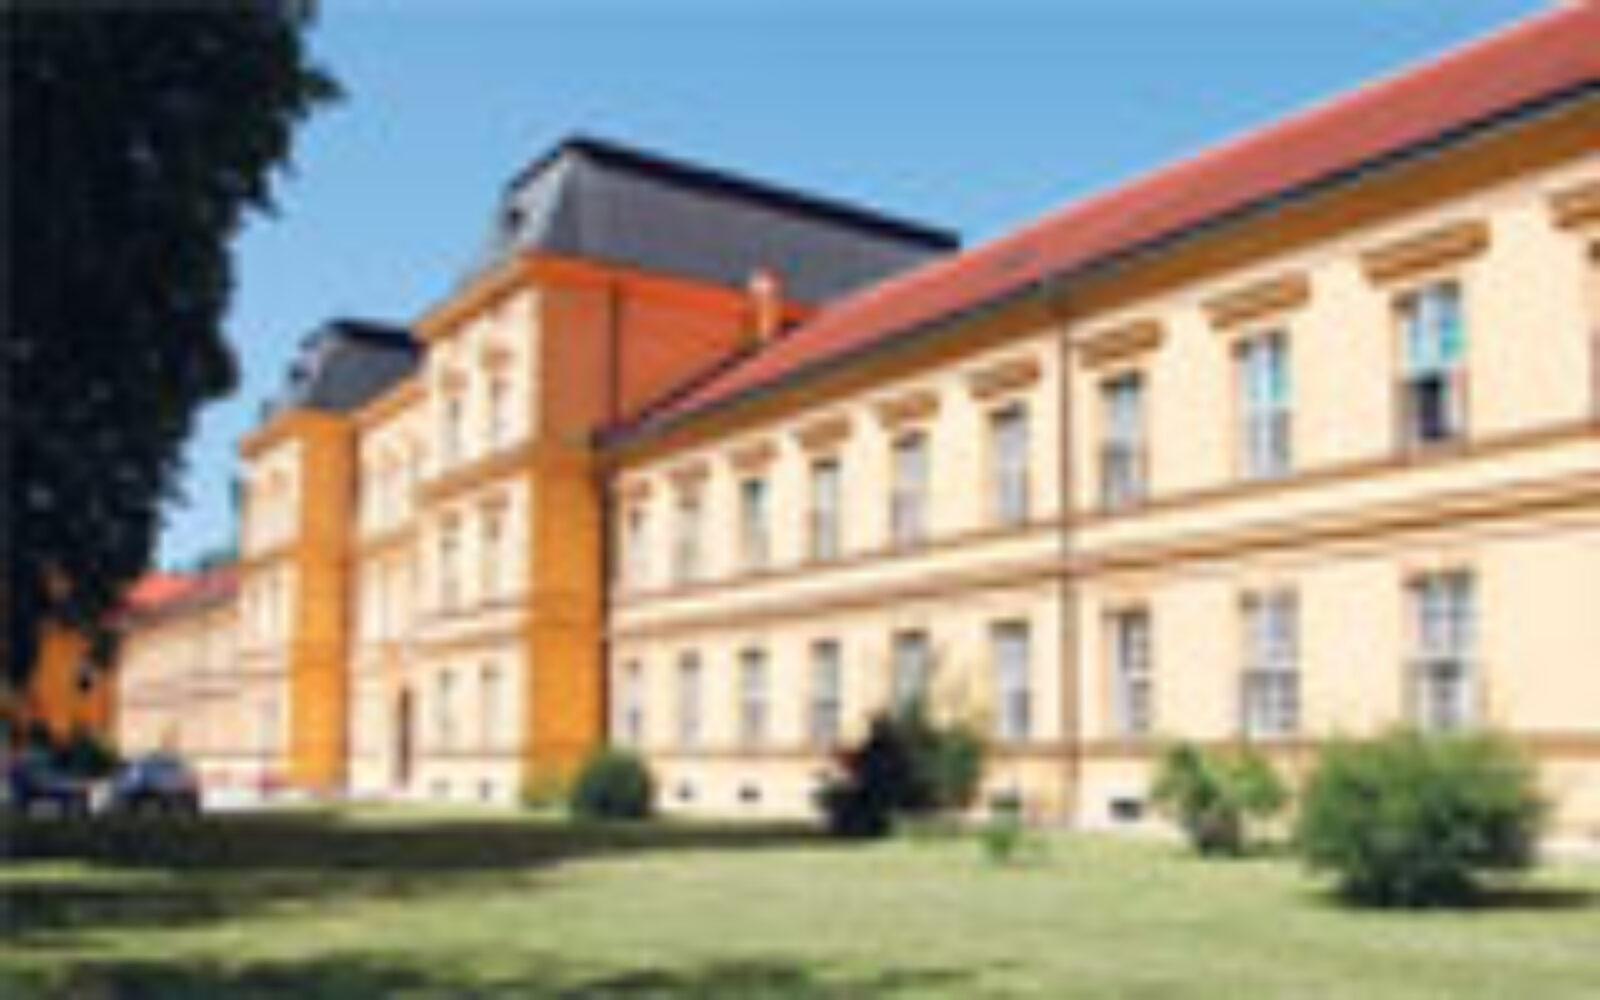 Spajanjem Psihijatrijskih Bolnica Jankomir I Vrapce Zagreb Bi